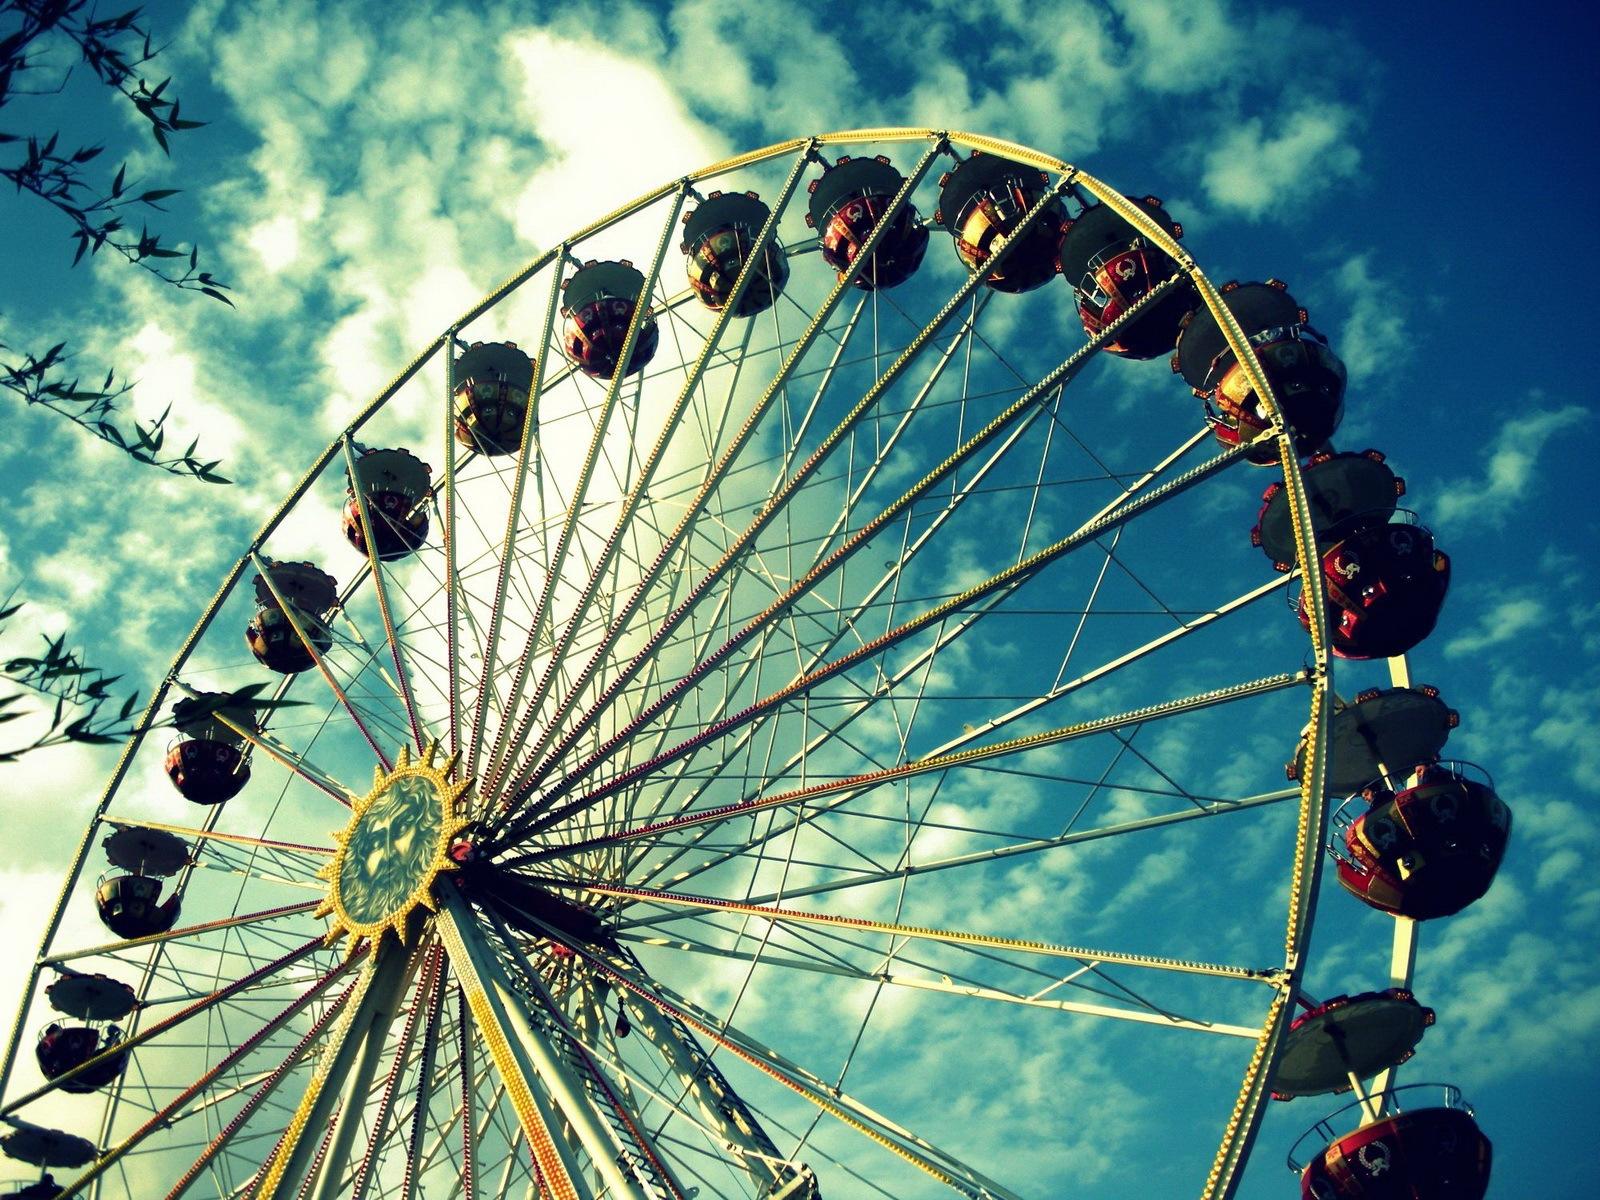 download big Ferris wheel wallpapers for desktop 1600x1200